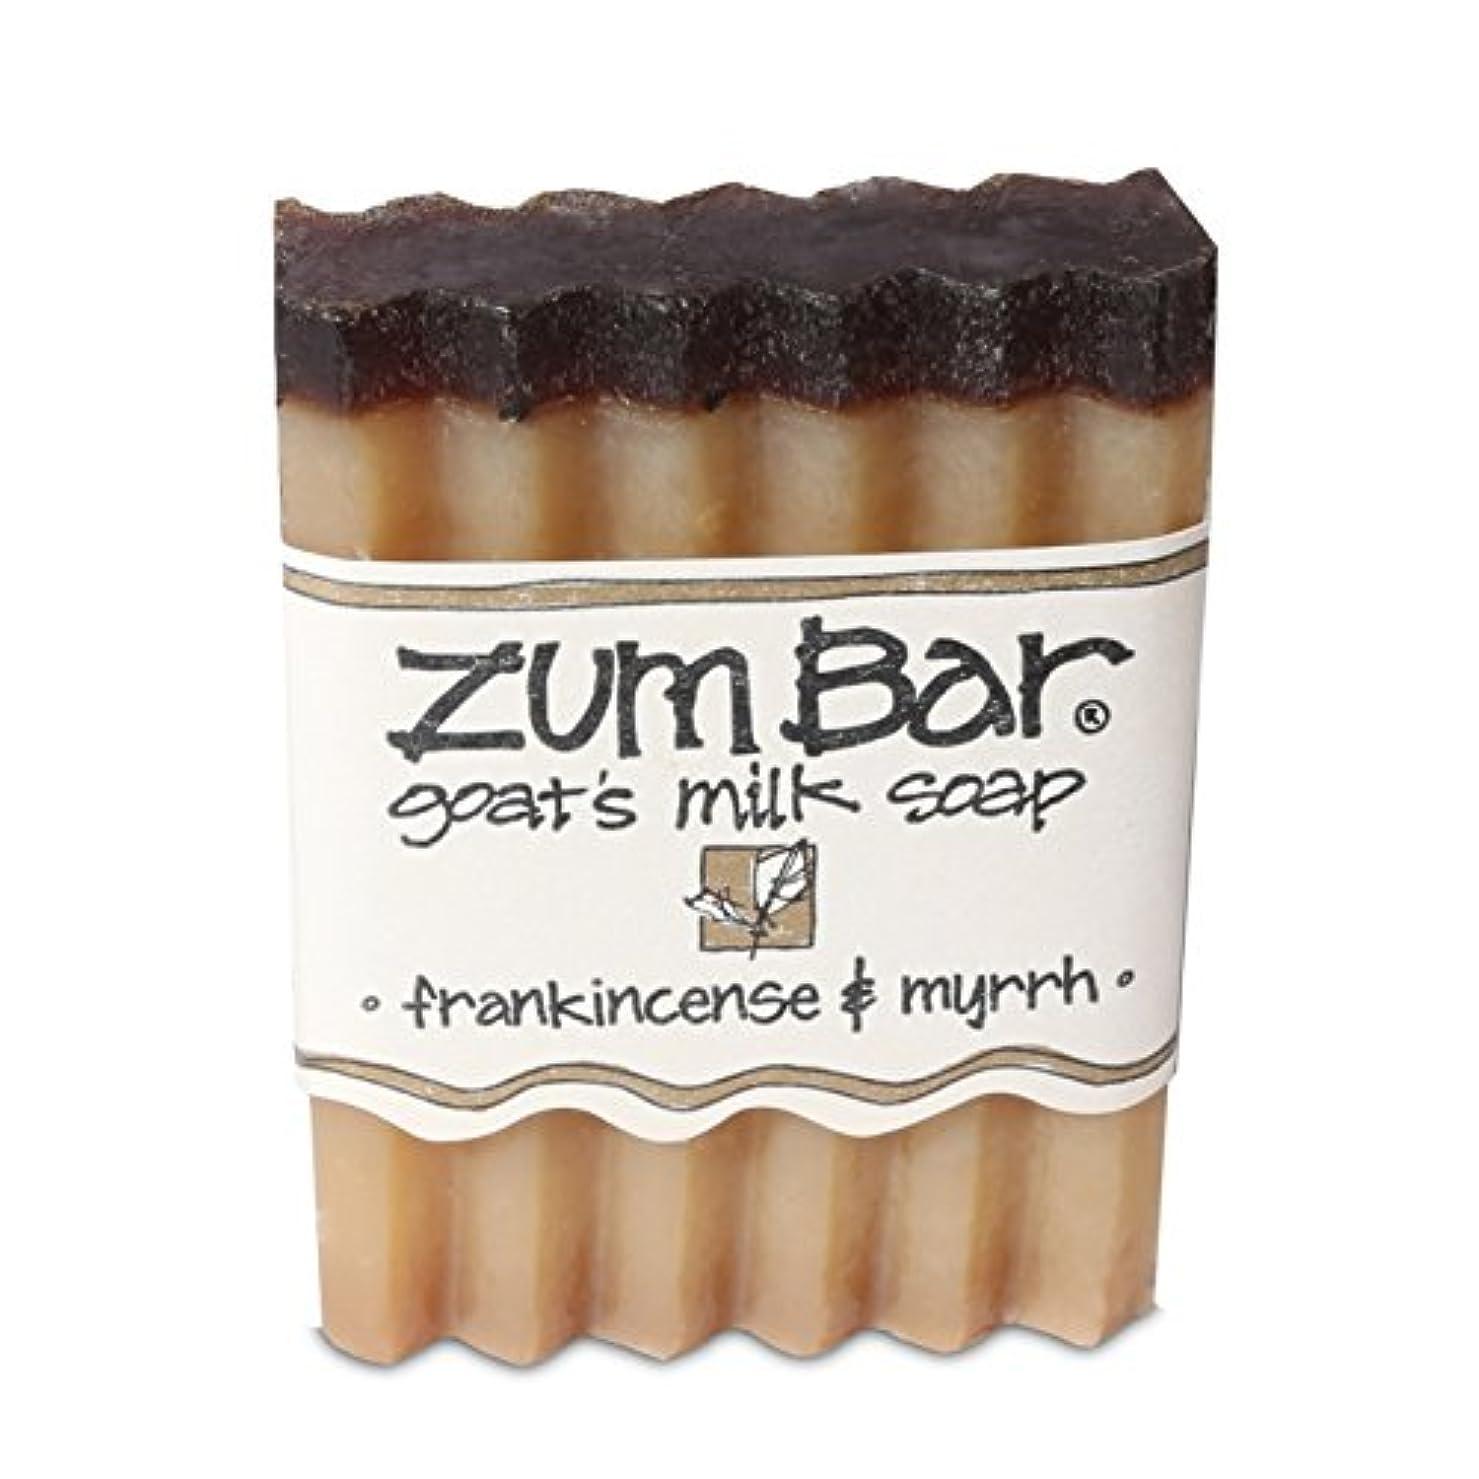 間違い容赦ないテキスト海外直送品 Indigo Wild, Zum Bar, Goat's ミルク ソープ フランキンセンス&ミルラ, 3 Ounces (2個セット) (Frankincense & Myrrh) [並行輸入品]